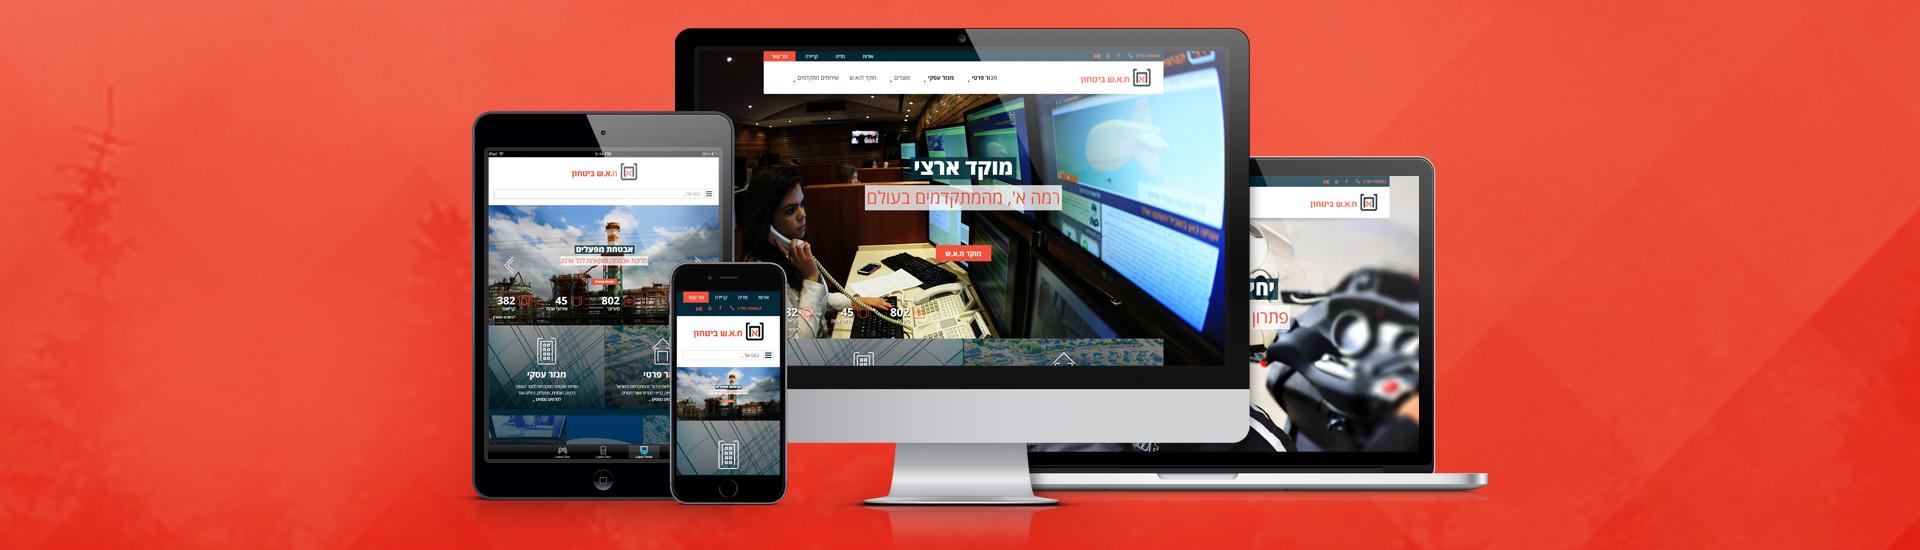 האתר של ח.א.ש ביטחון - תצוגת יכולות רספונסיביות, מחשב, לפטופ, טאבלט ומובייל